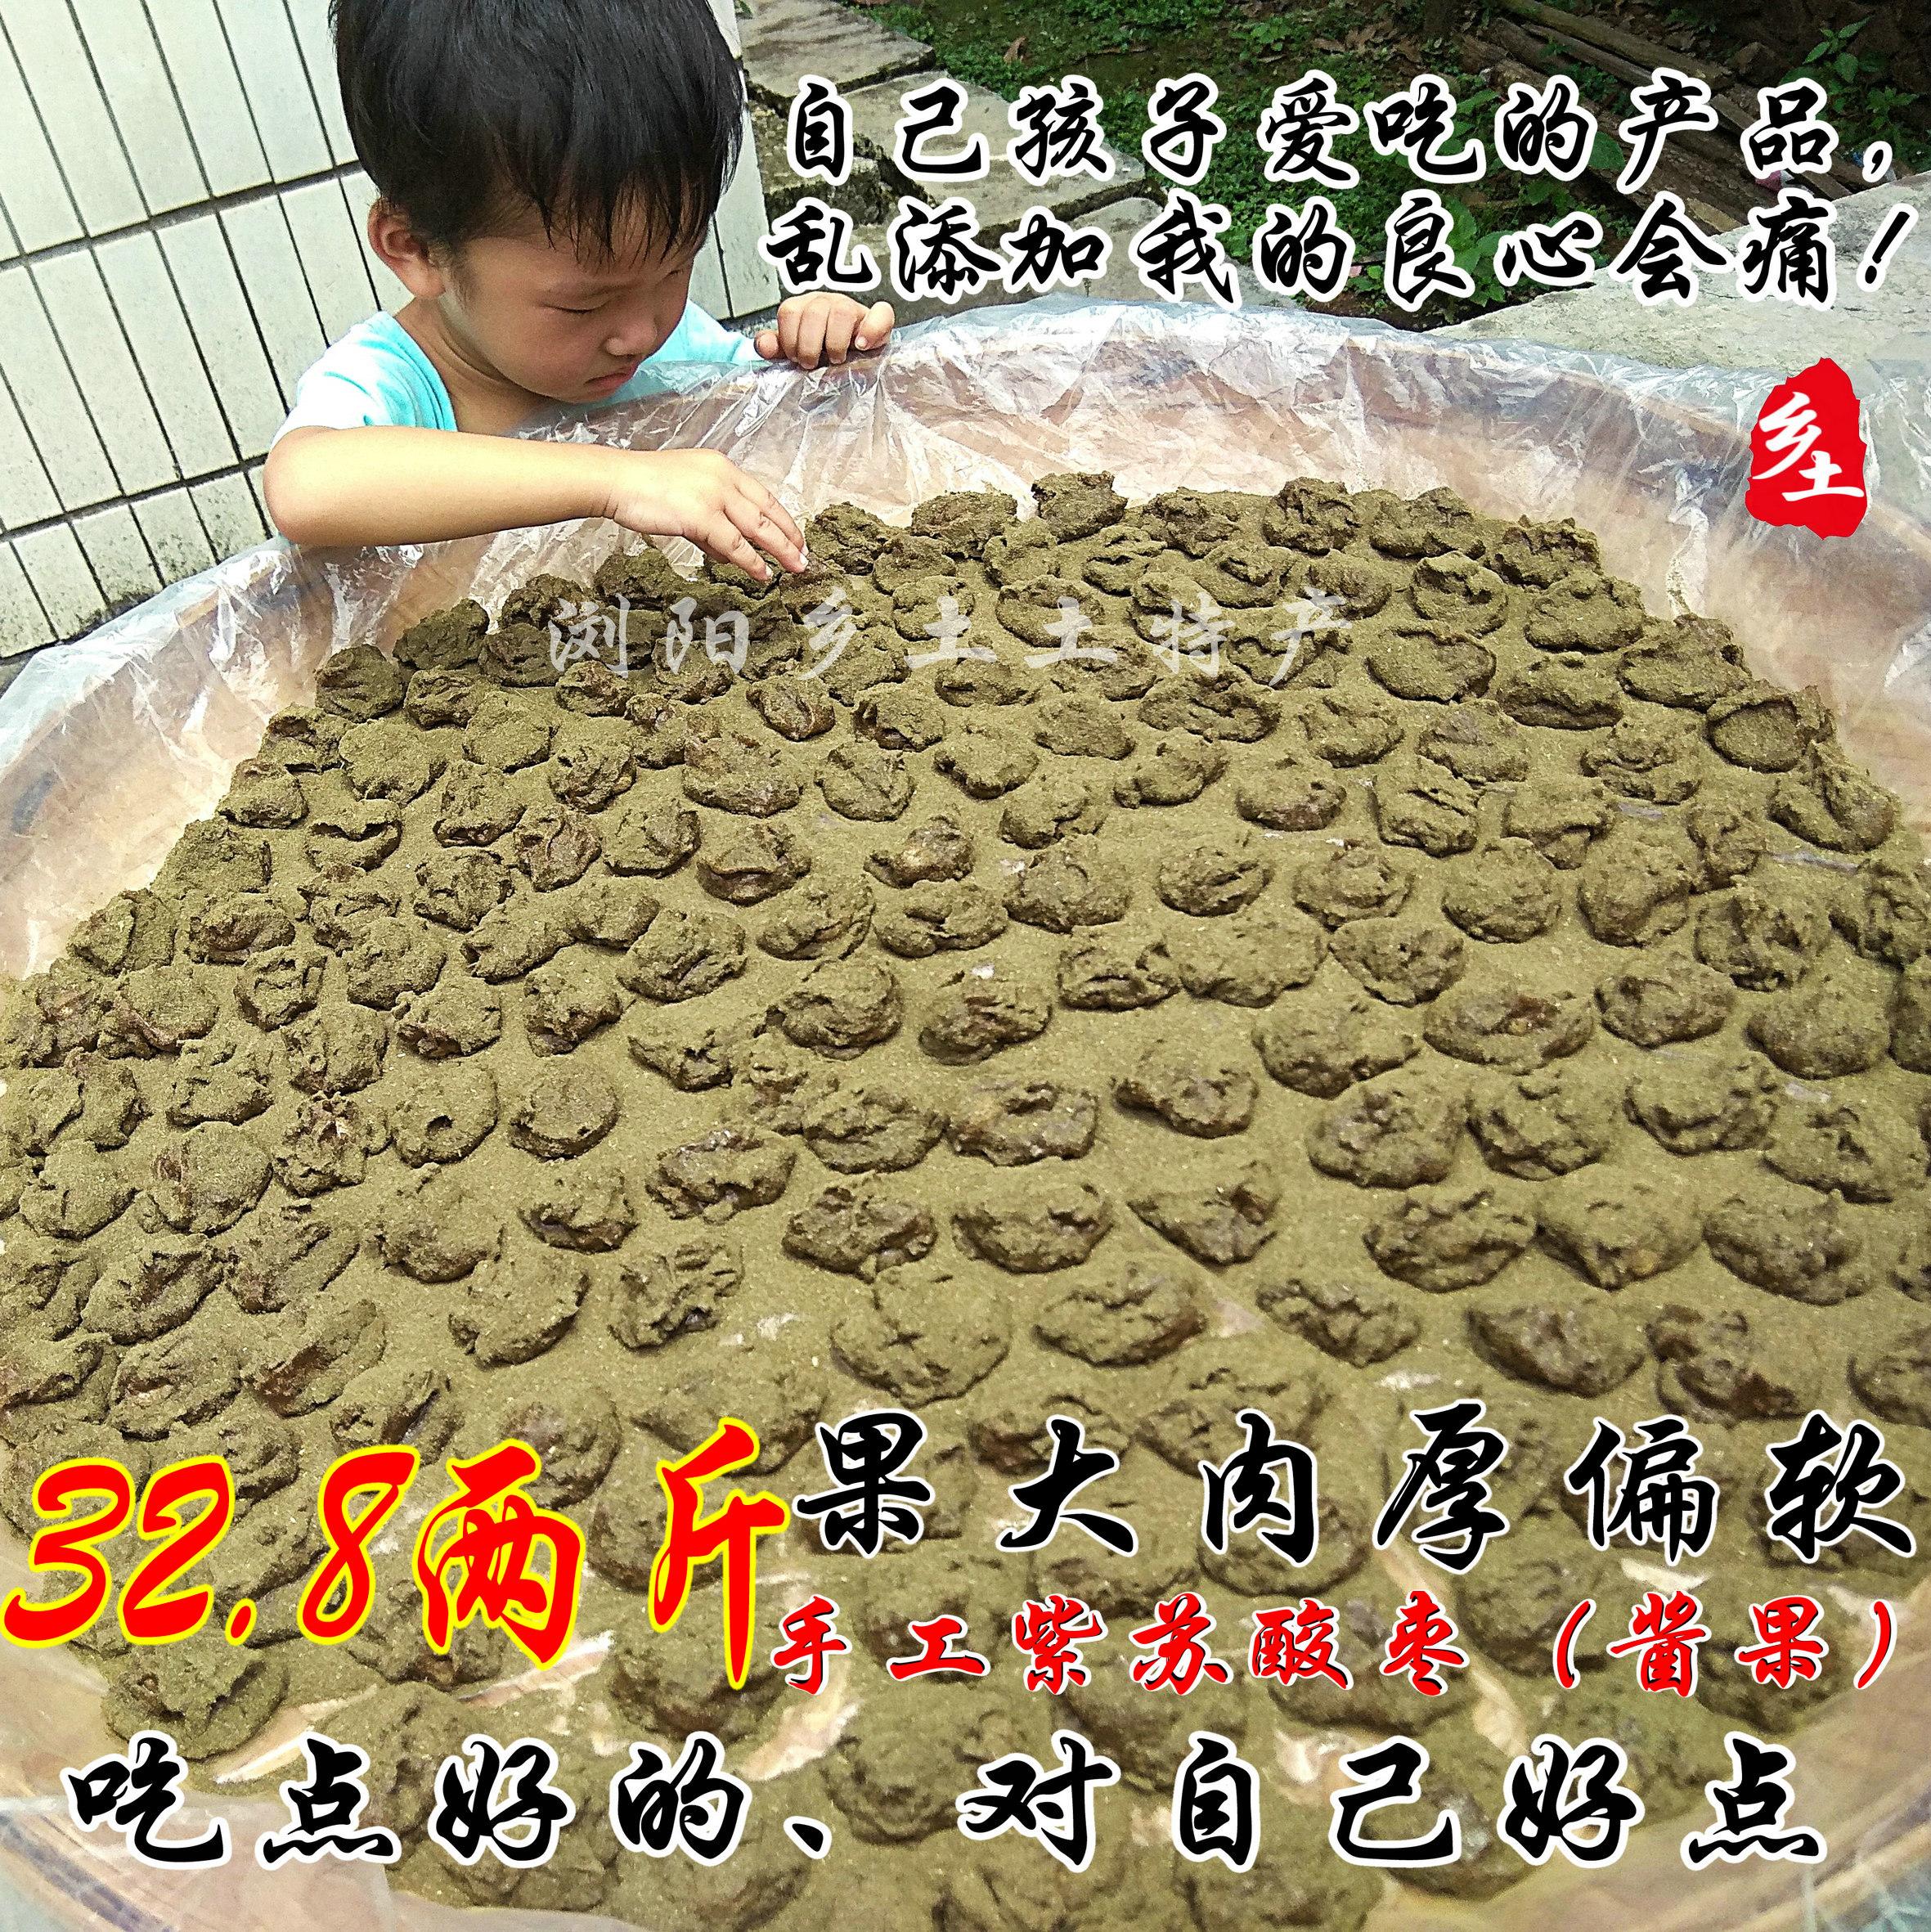 包邮1000克酱果紫苏酸枣粒南青酸枣糕菩提果手工有核湖南浏阳特产